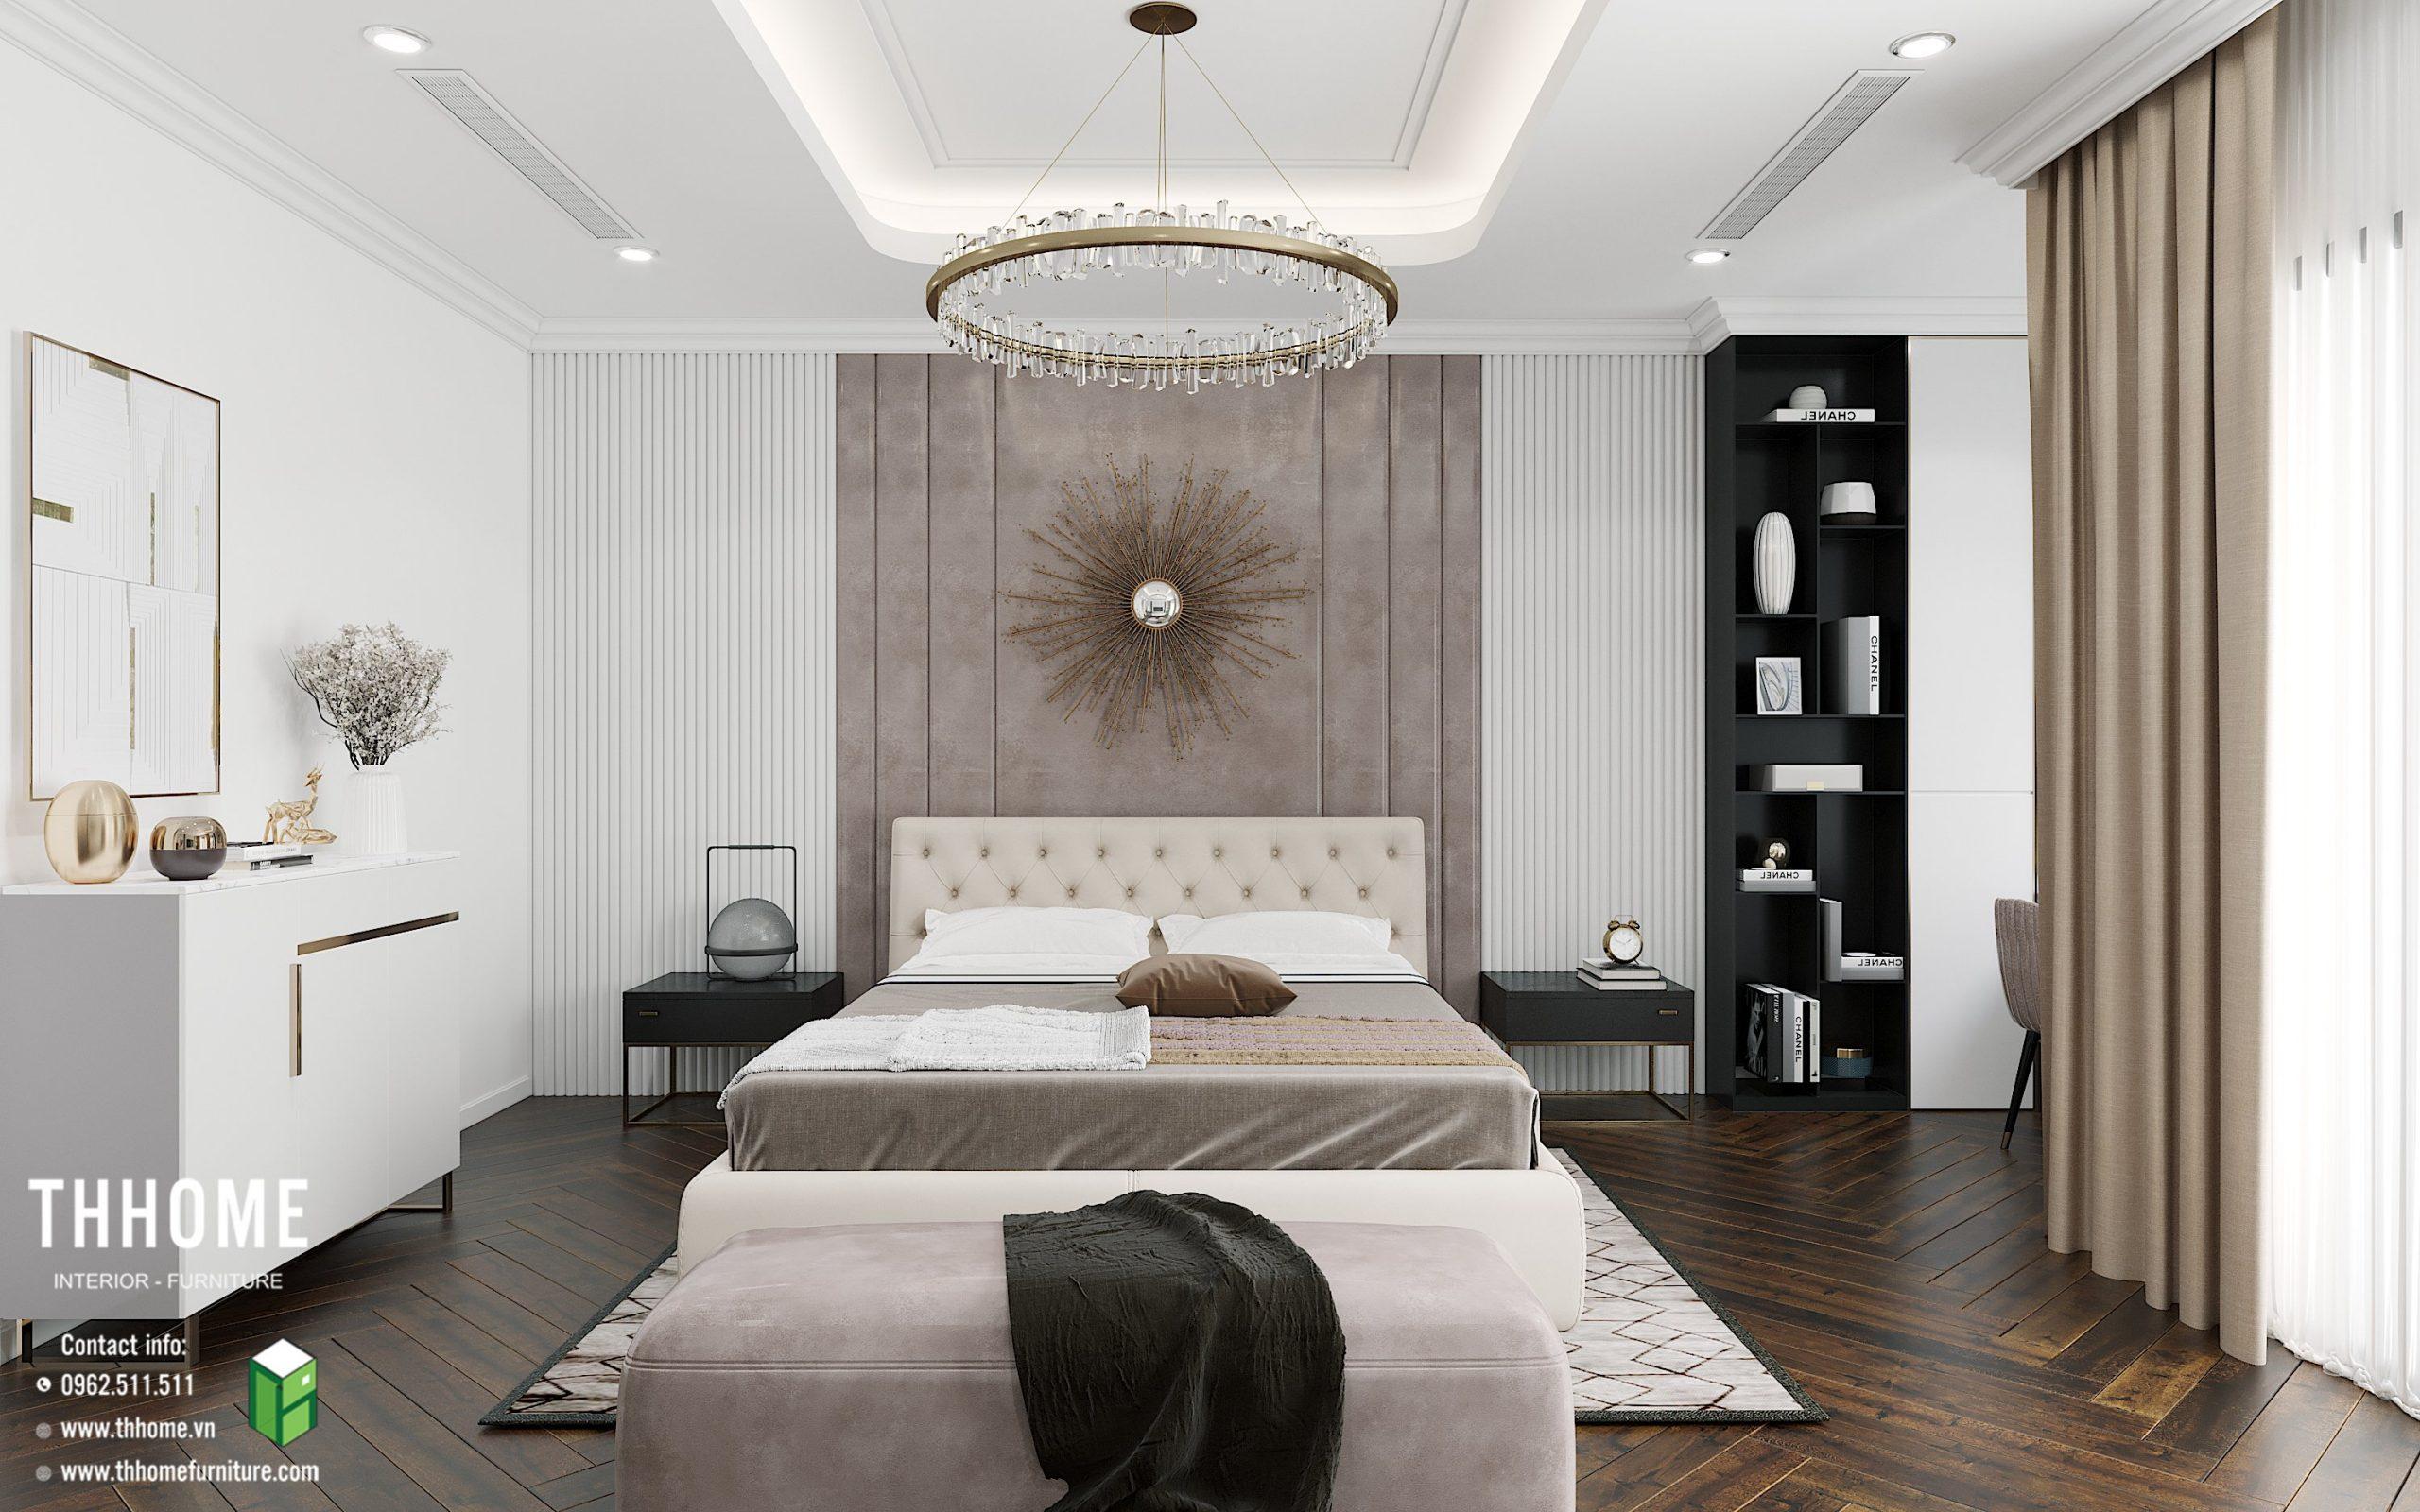 Dịch vụ thiết kế thi công nội thất trọn gói của TH Home